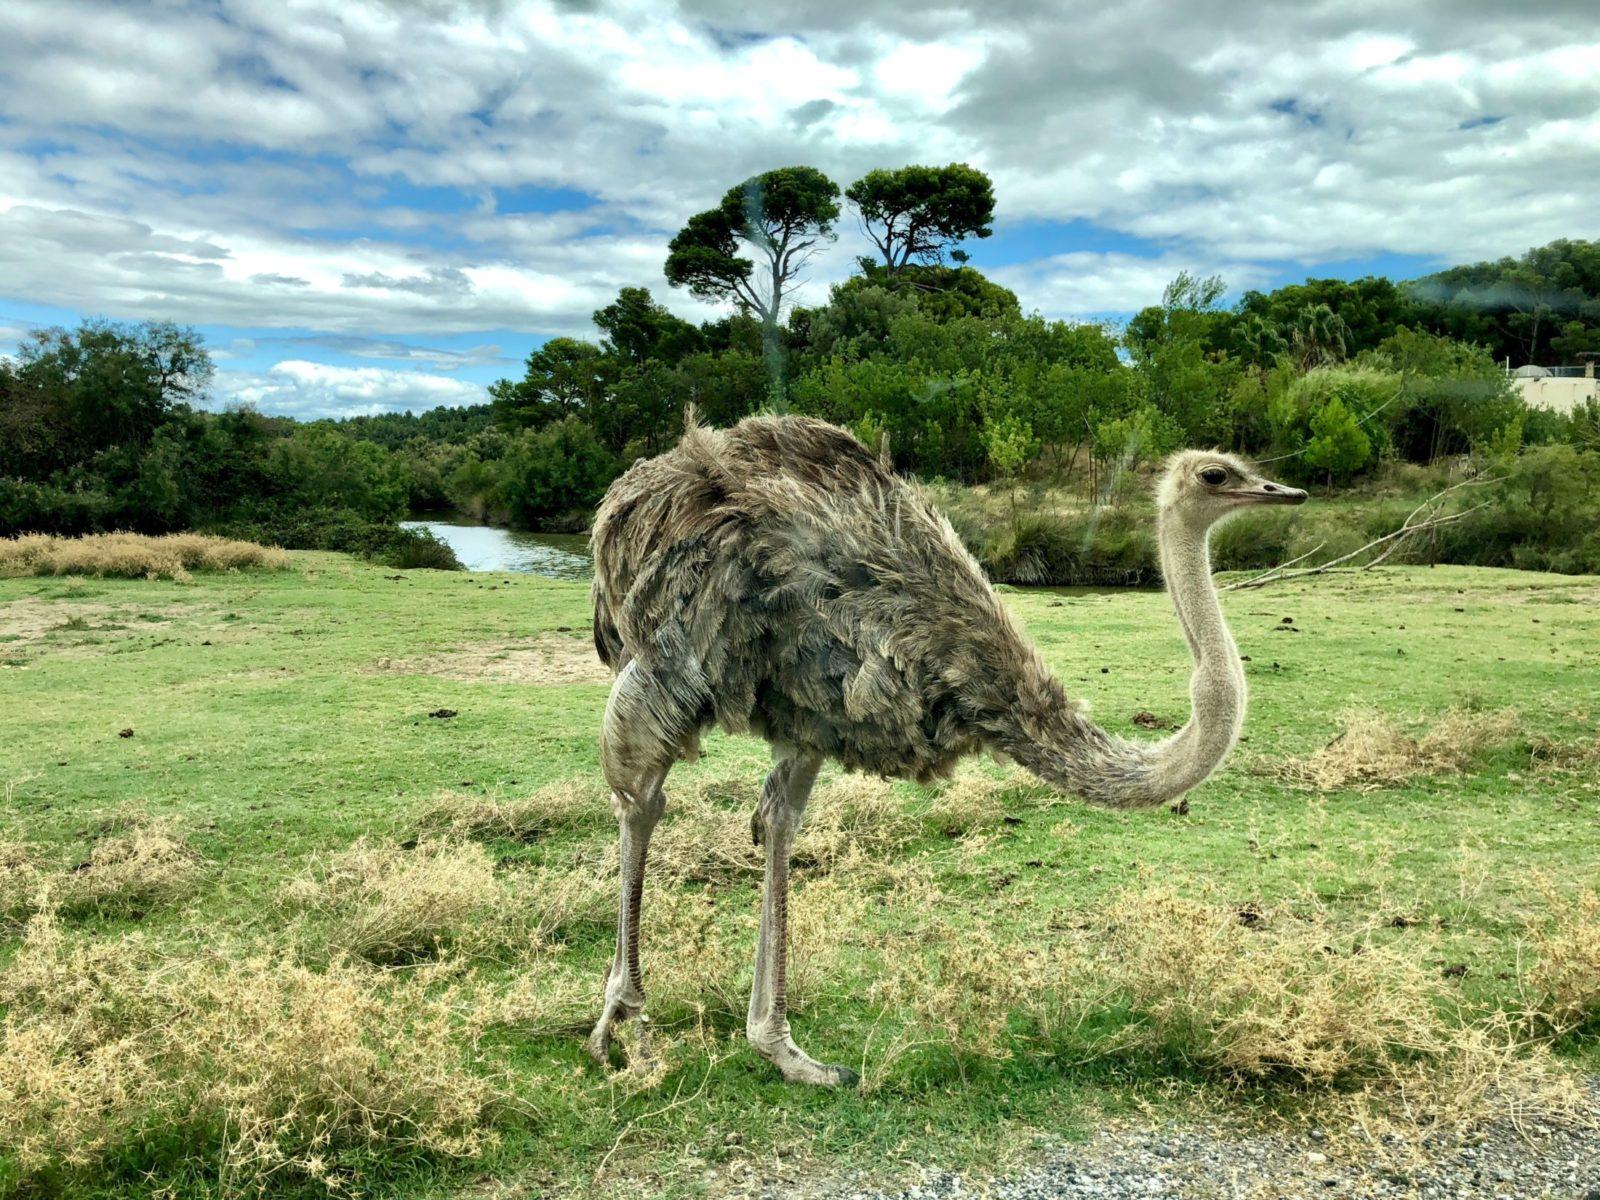 Sonhar com avestruz enjaulado pode ser sinal de relacionamento sufocado.